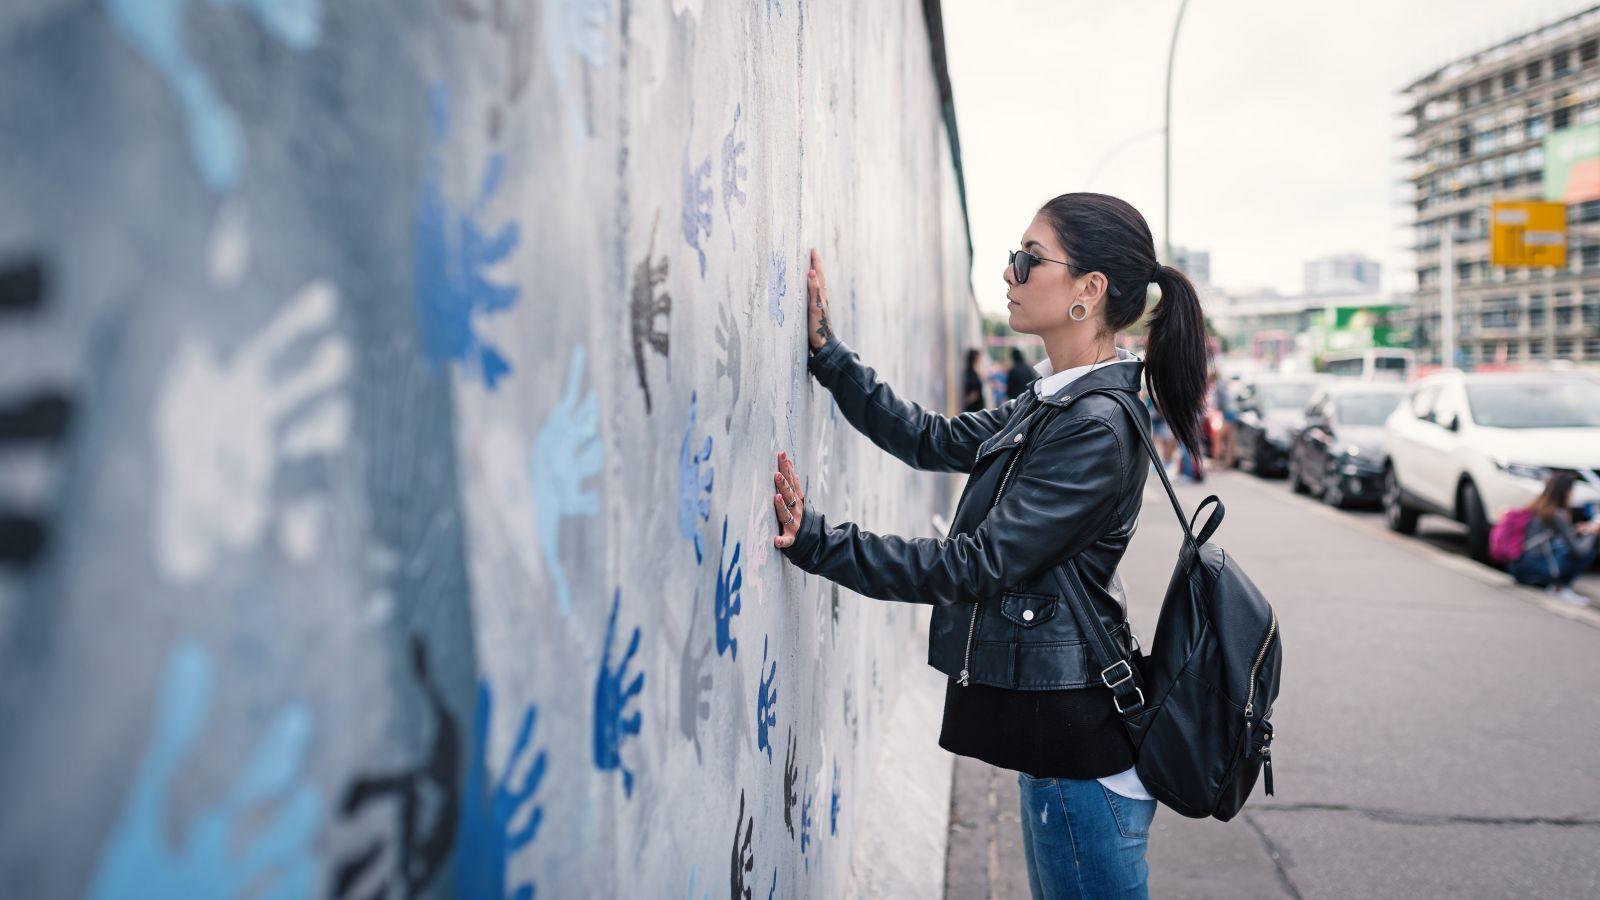 The wall in Berlin